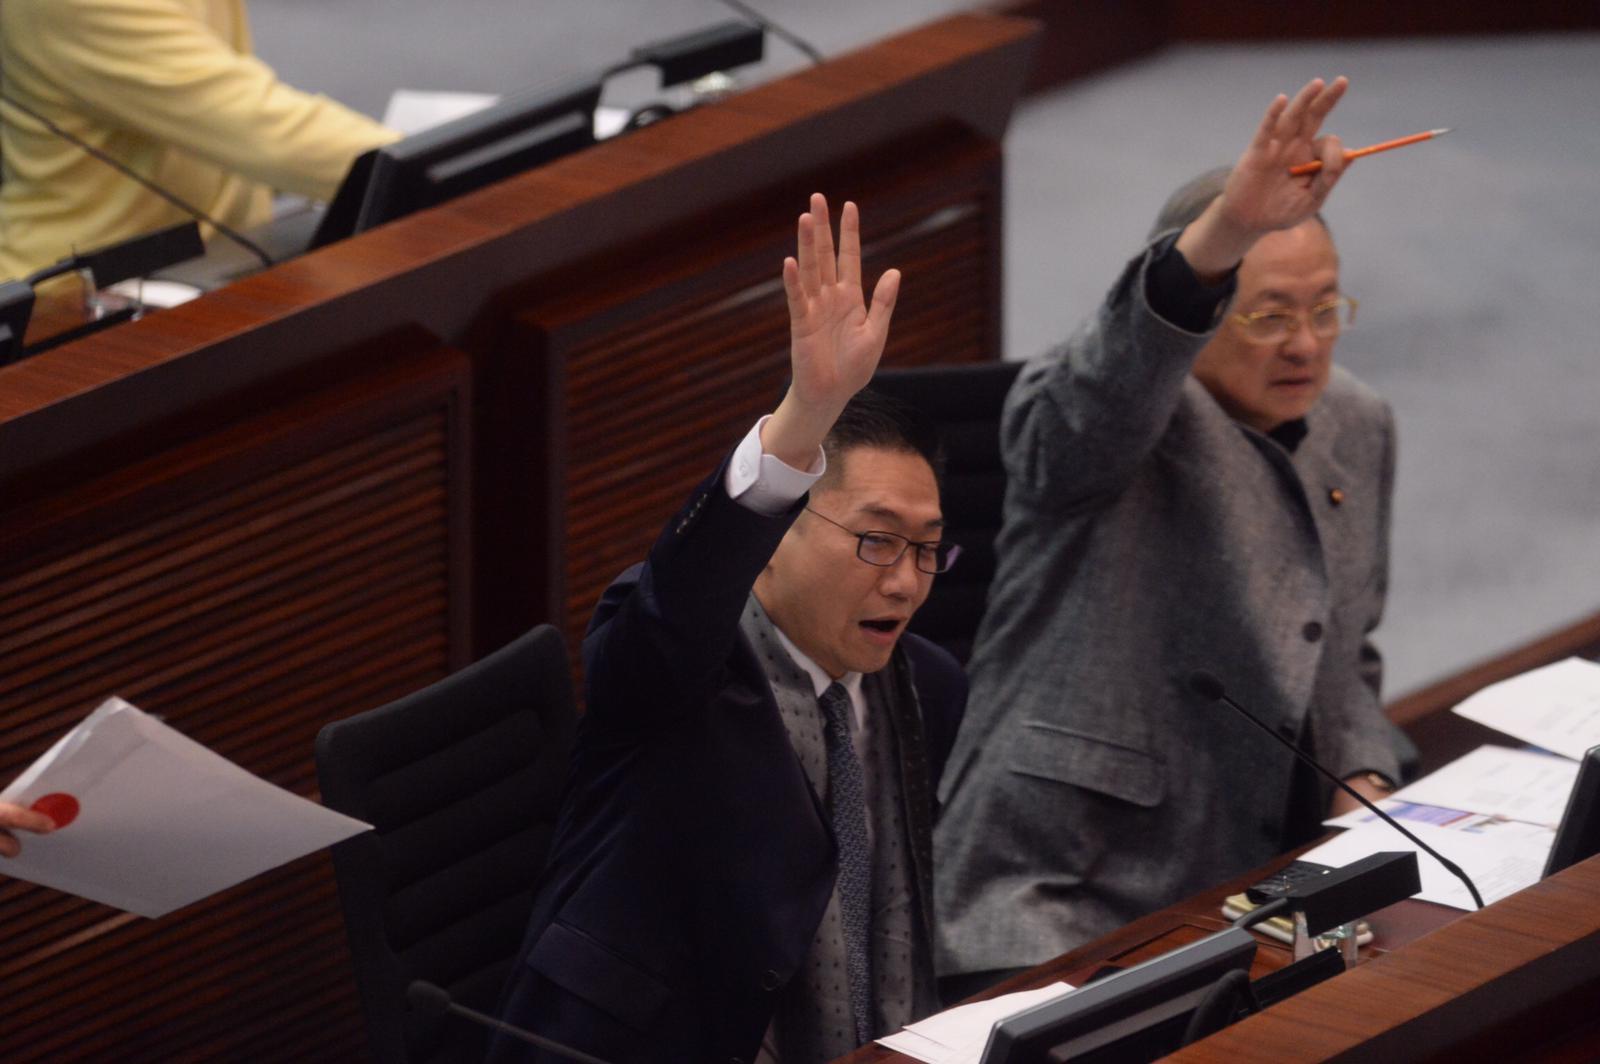 邵家輝(左)反對空置稅,認為會破壞自由市場。